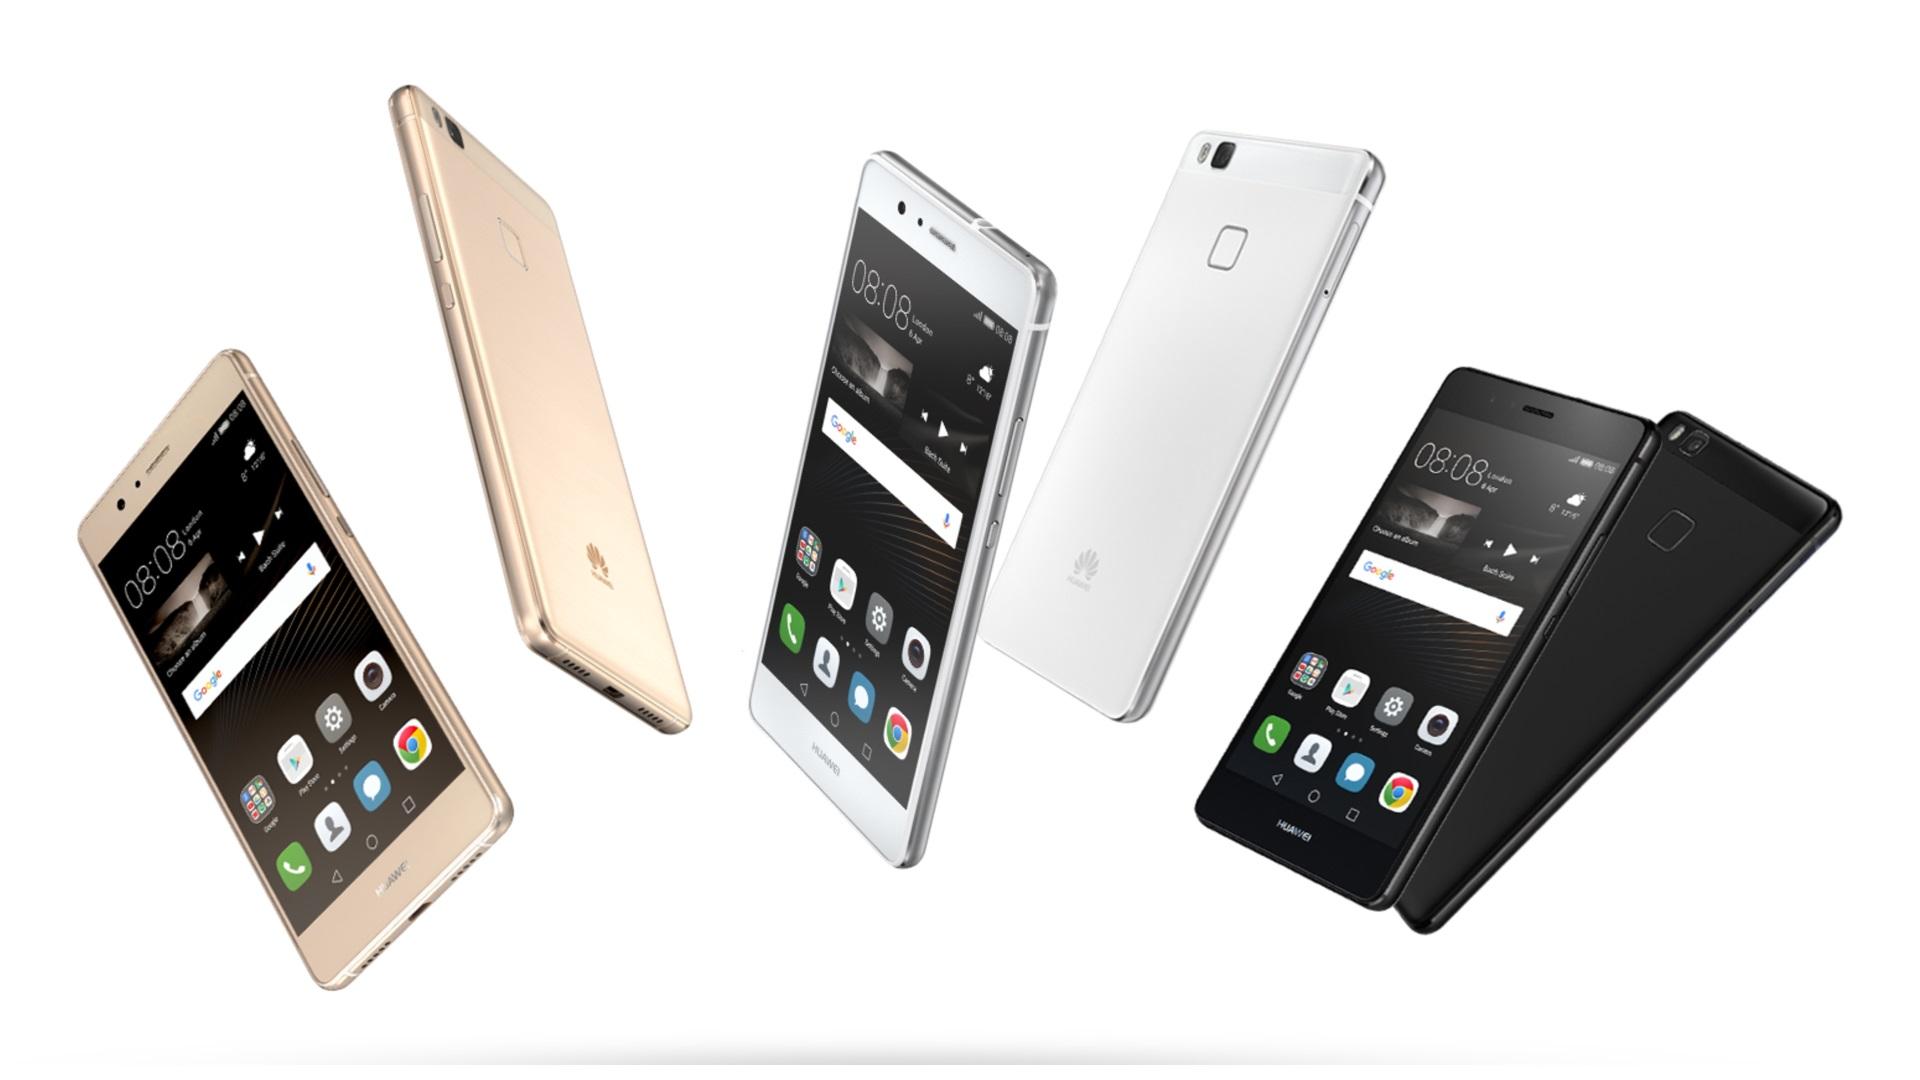 Huawei、国内版「Huawei P9 lite」を22,800円に値下げ